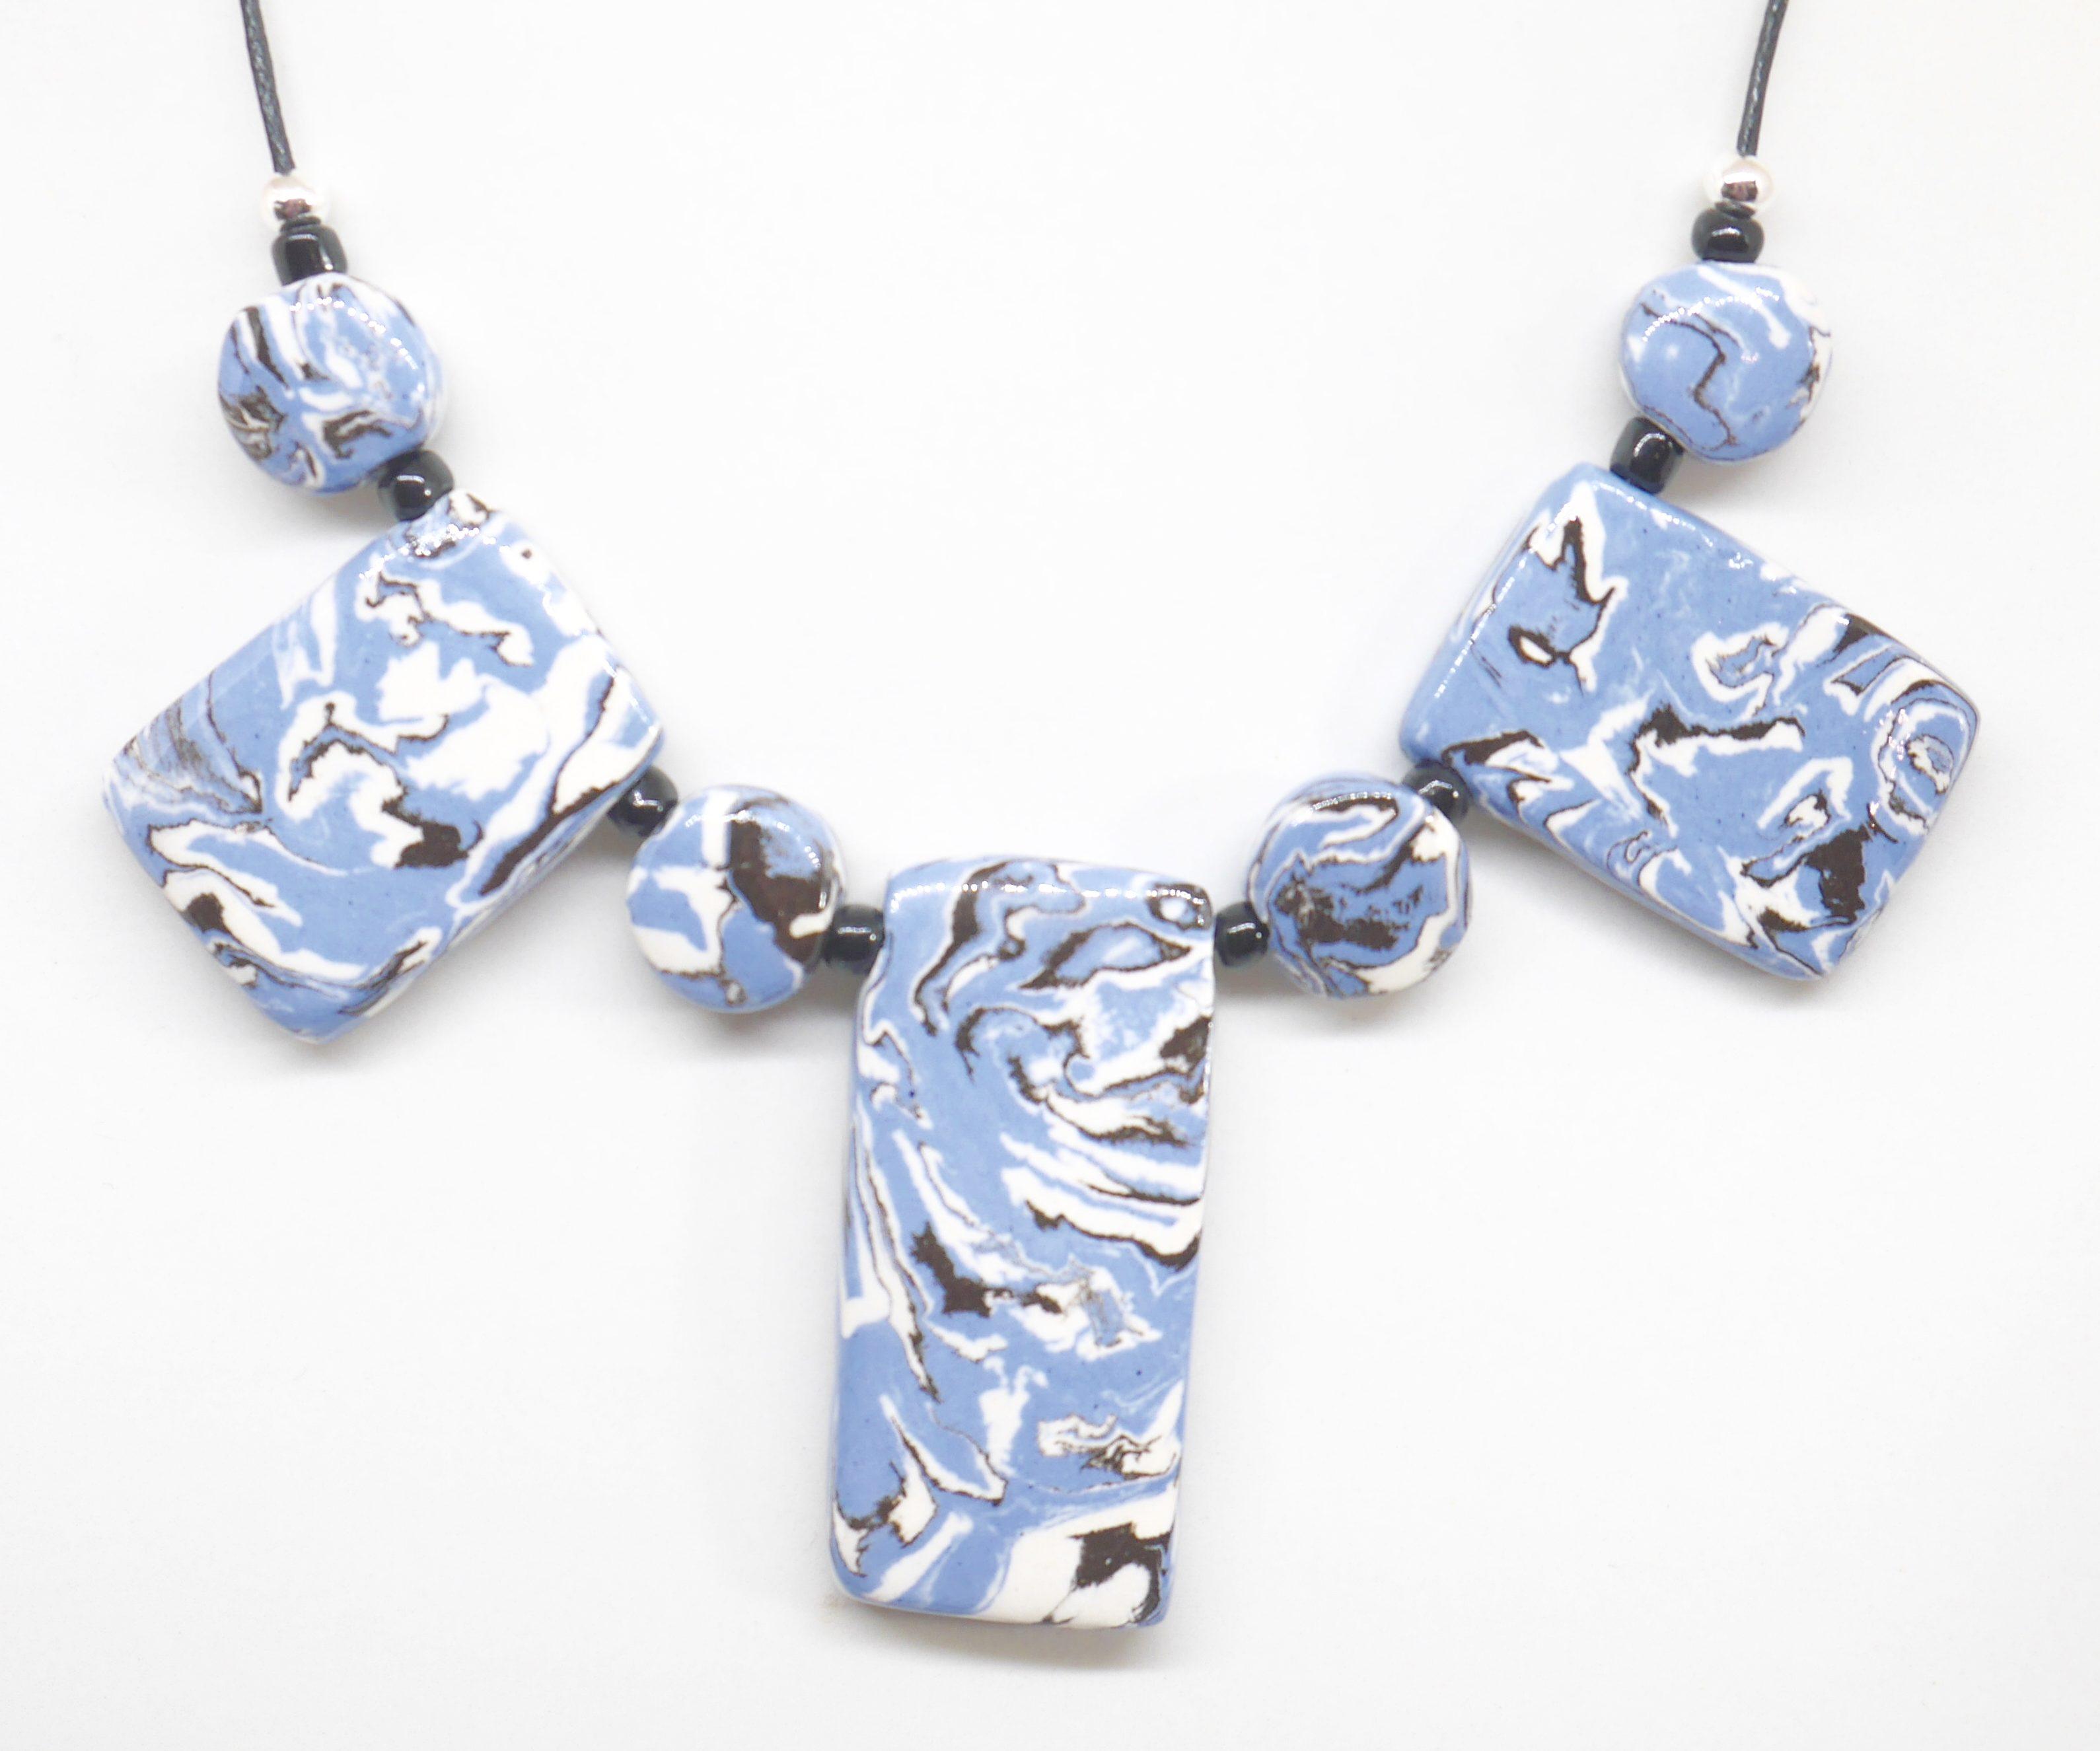 Collier artisanal bleu terre mélé de Nadia Eskenazi Ceramic-Mac, créatrice de bijous de fantaisie